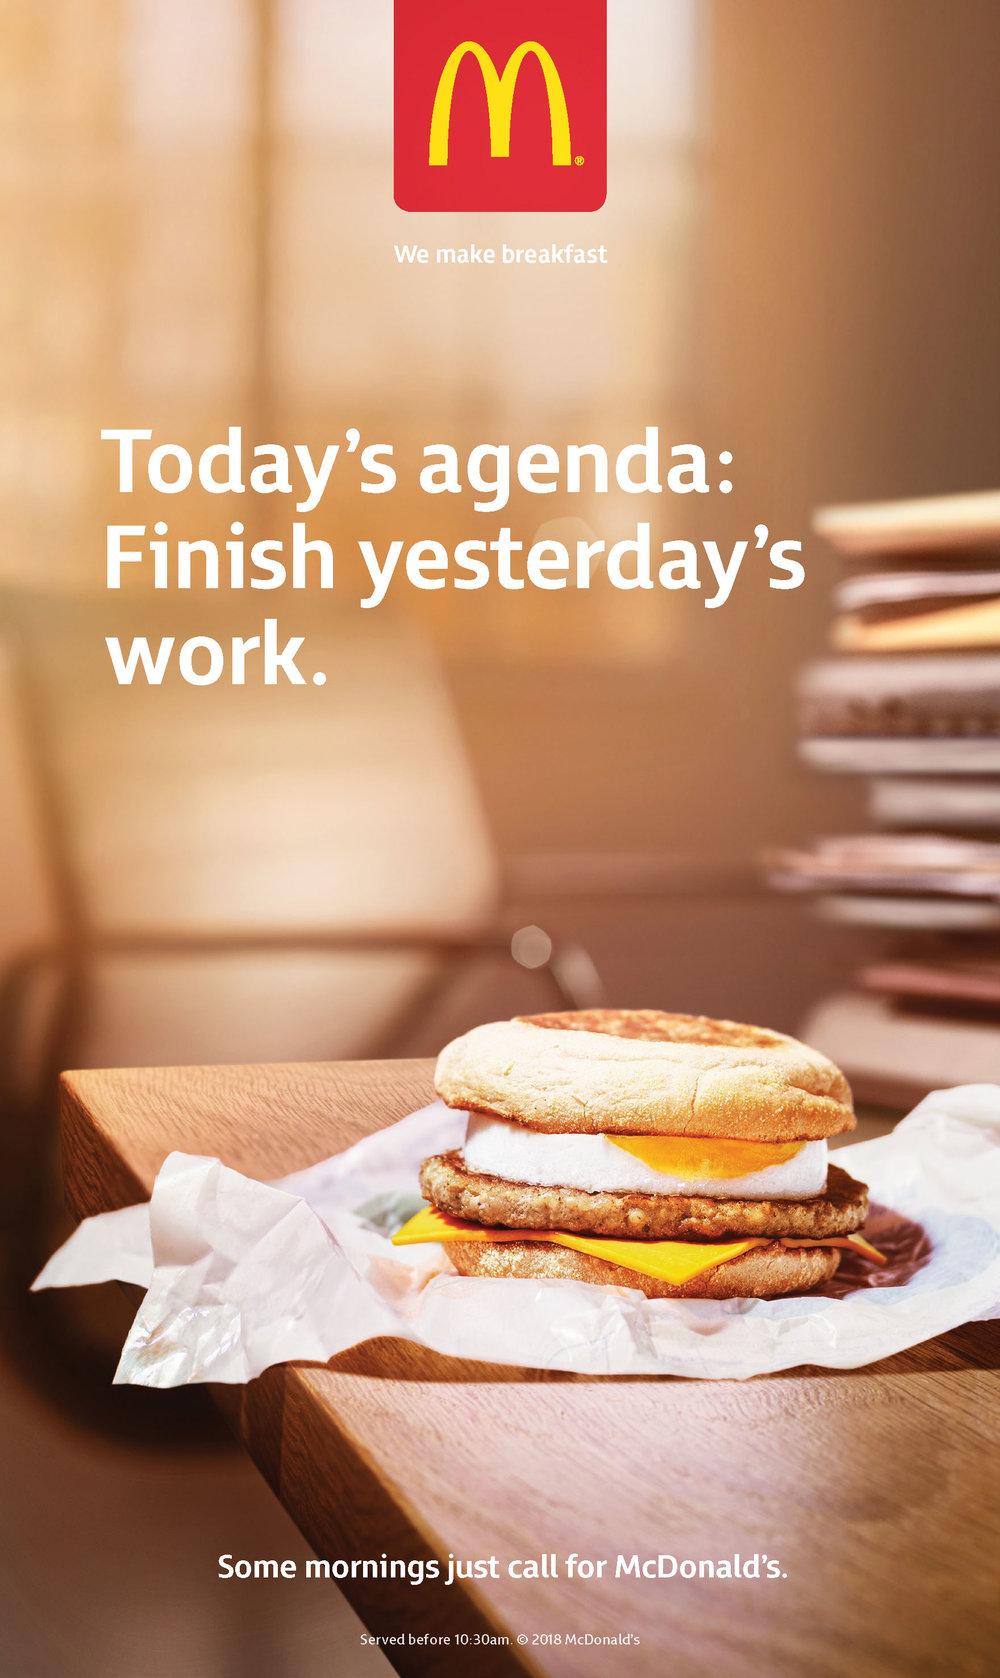 Agenda_jh01.jpg